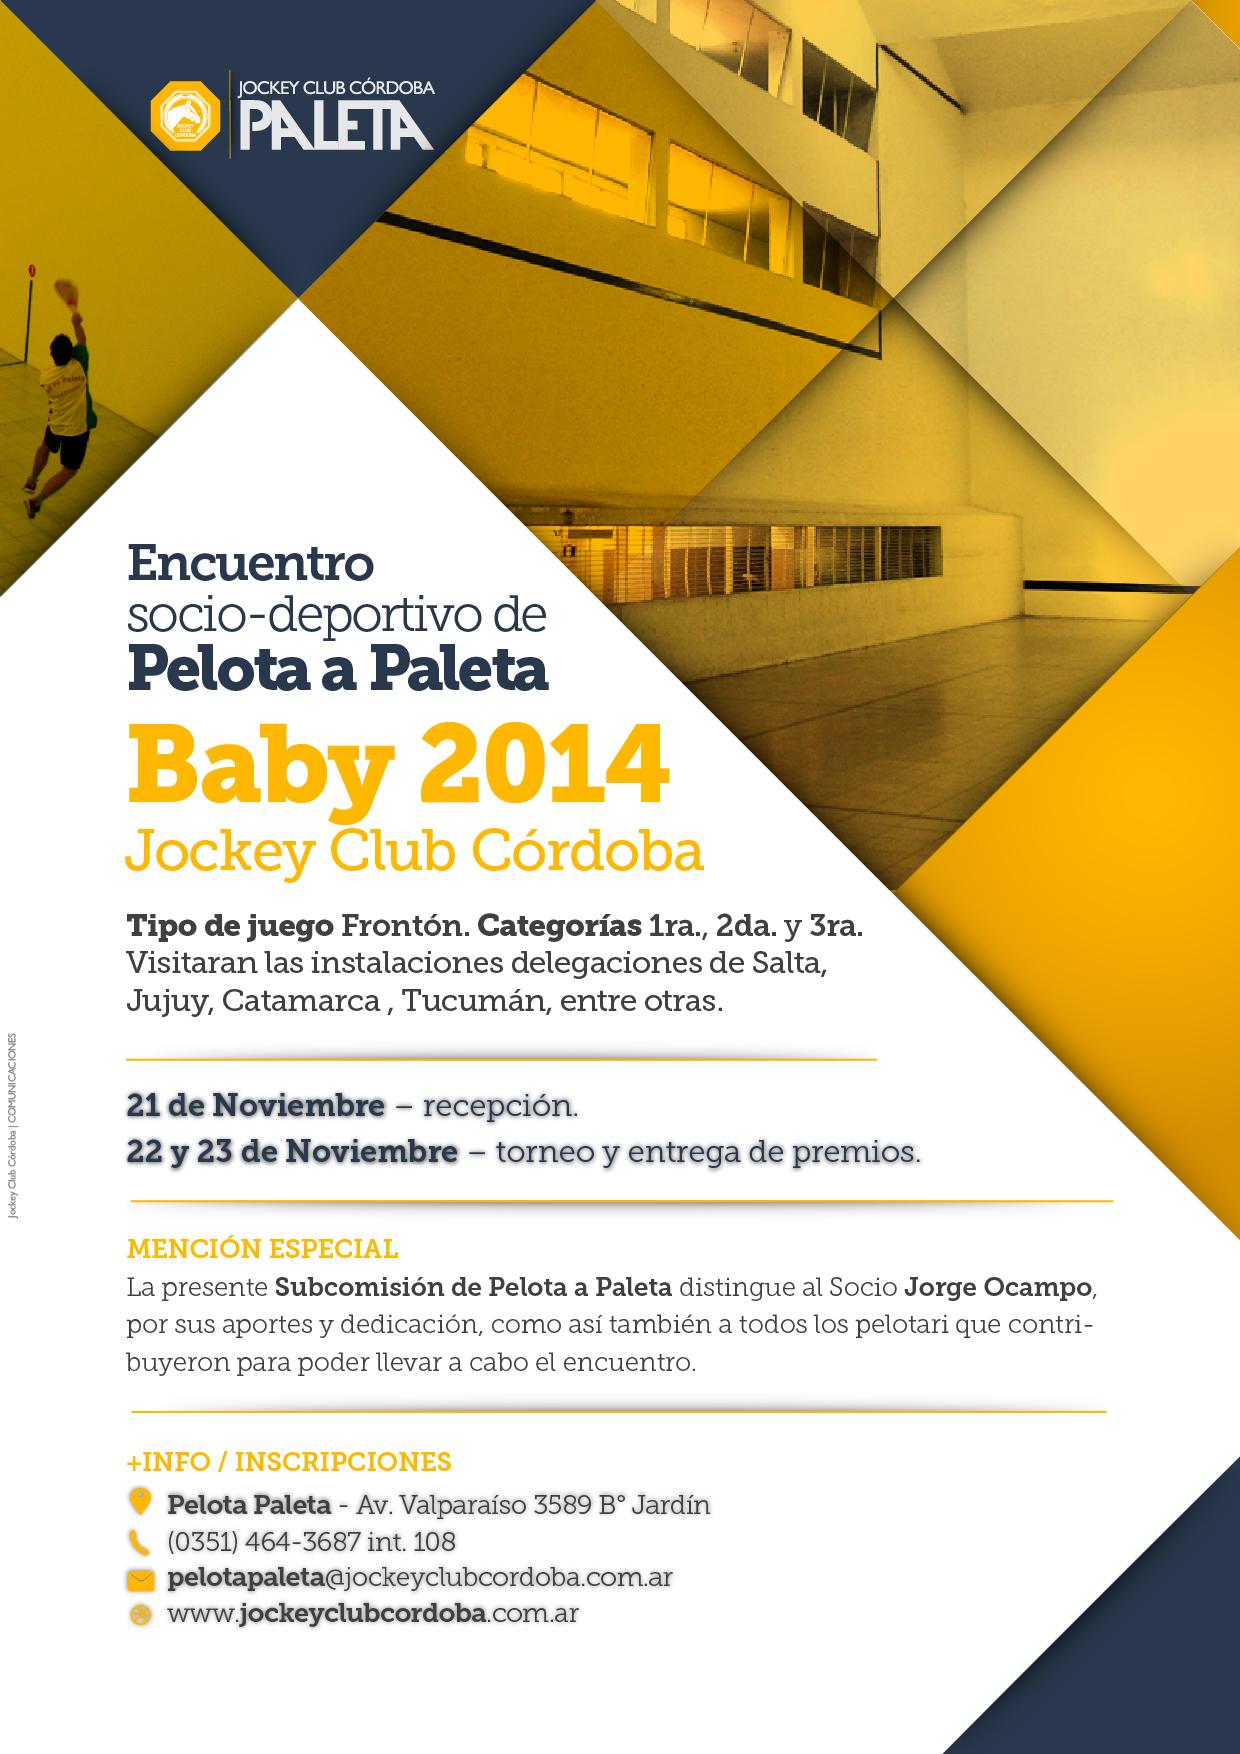 Pelota Paleta - Encuentro social-deportivo-01